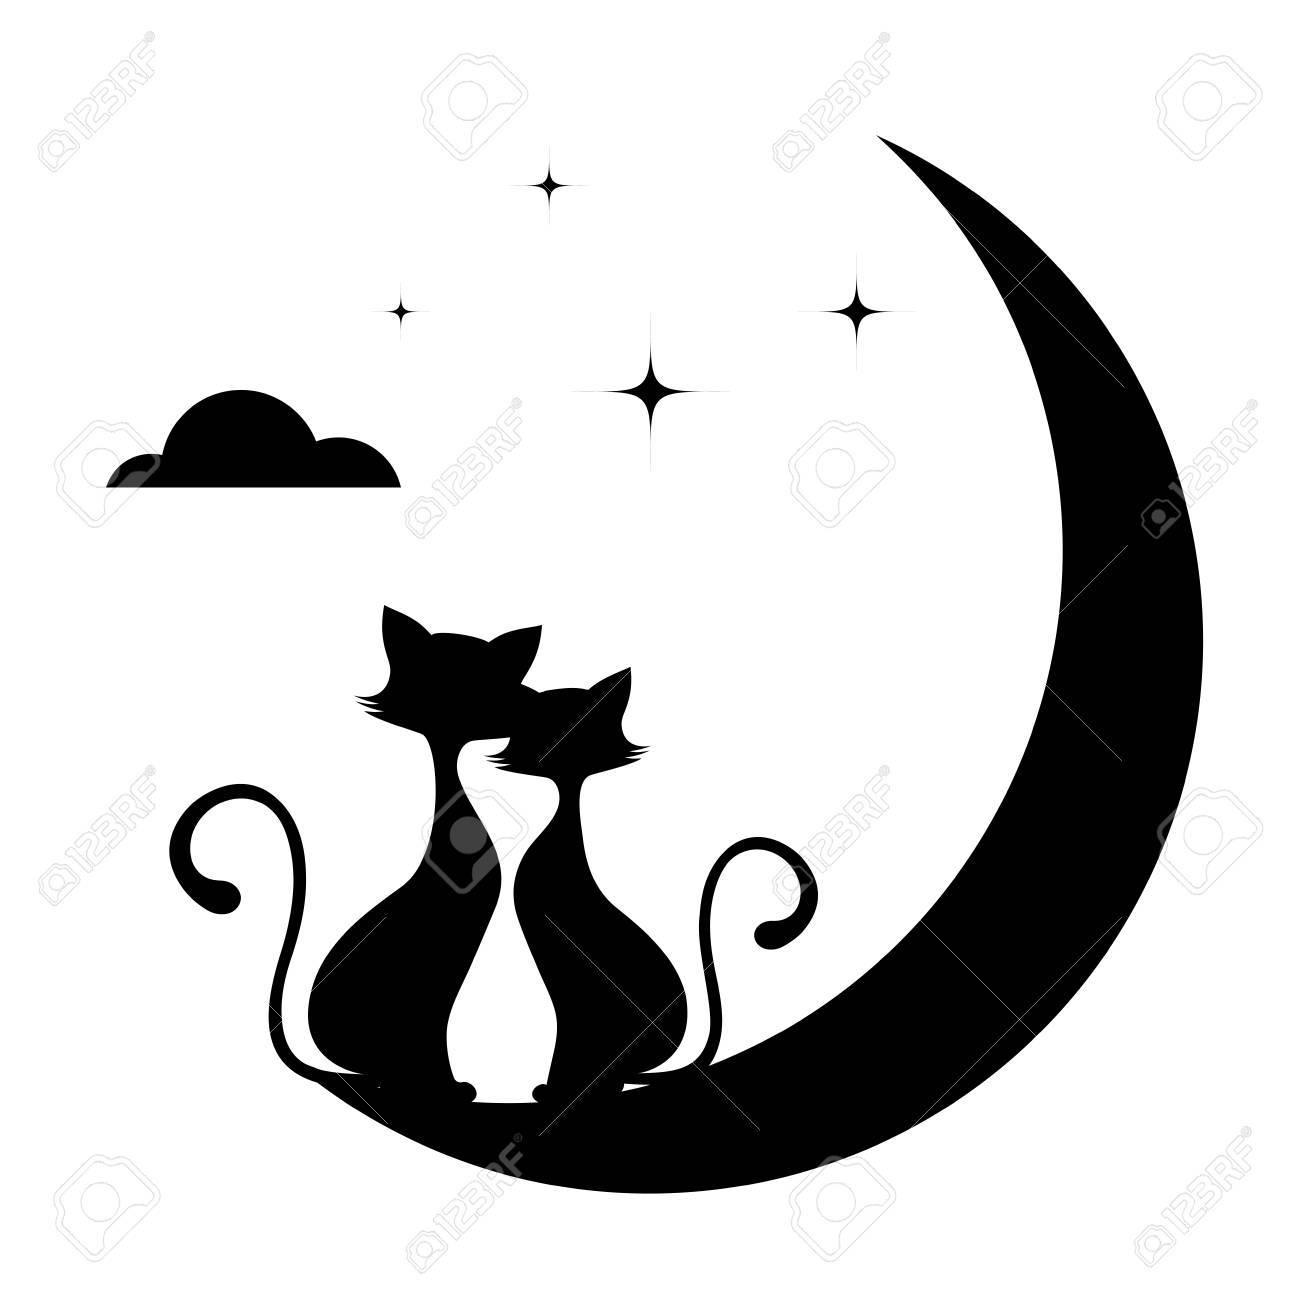 猫白黒イラストのロマンチックな出会い のイラスト素材 ベクタ Image